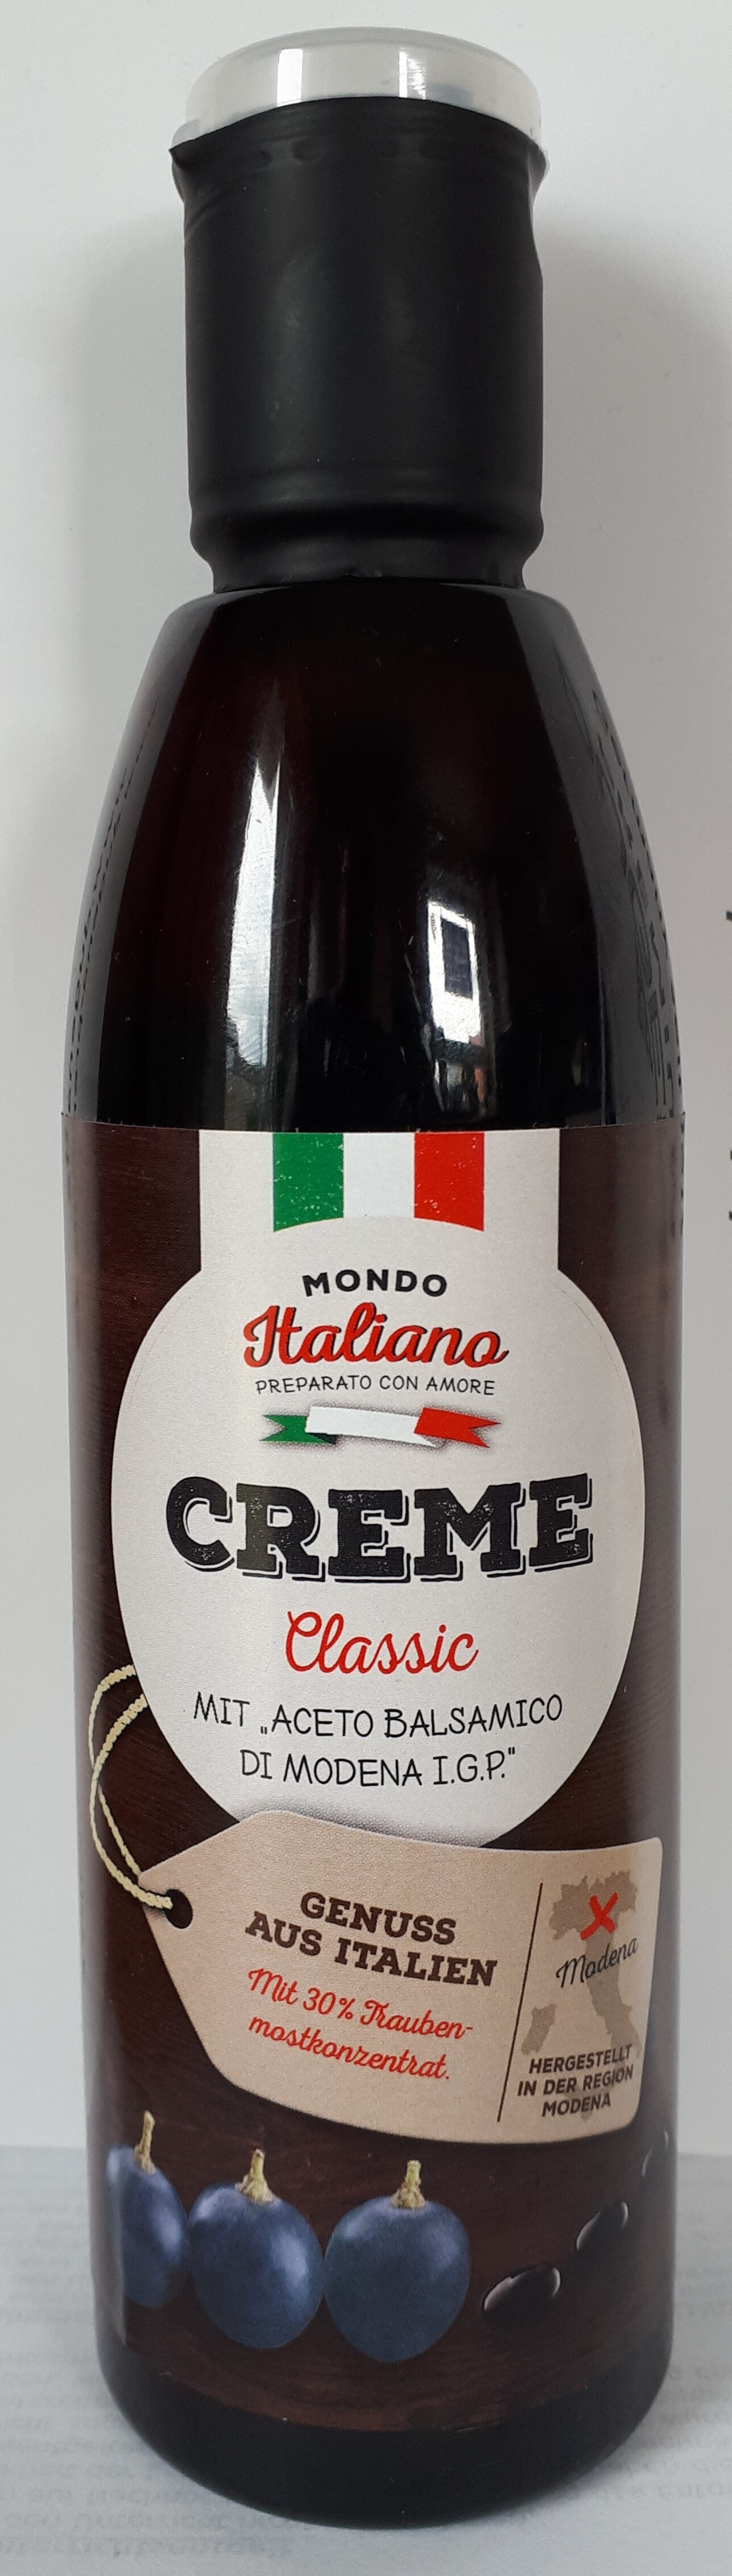 Creme classic - Product - de